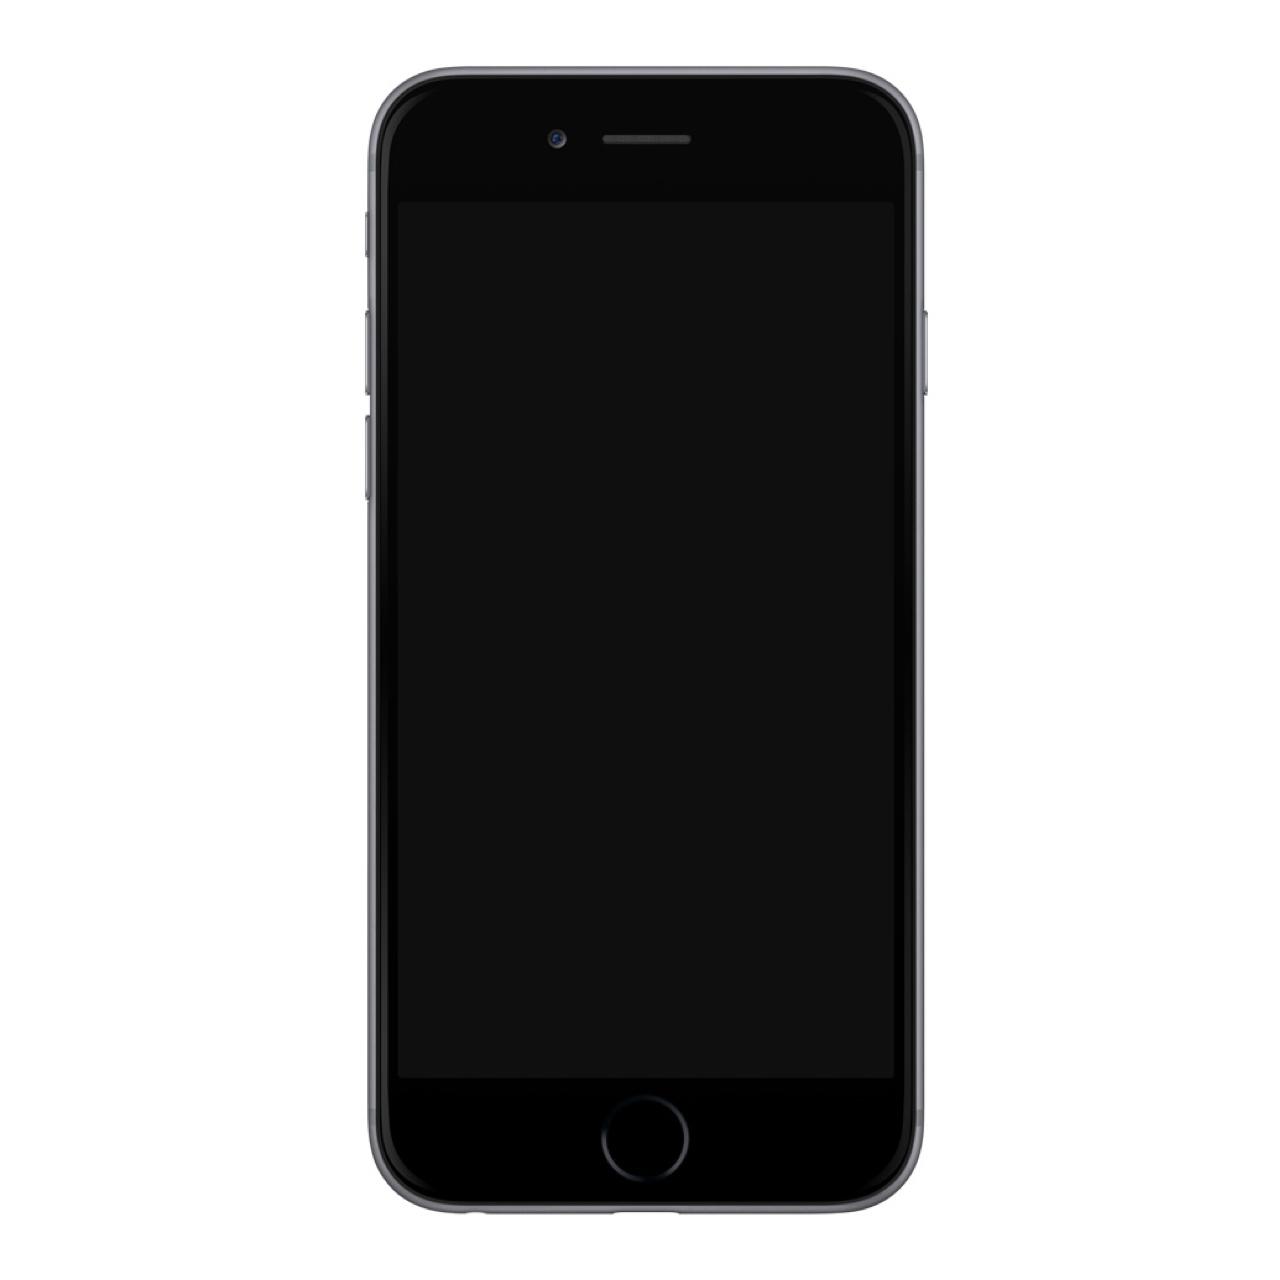 iPhone 6C Apple